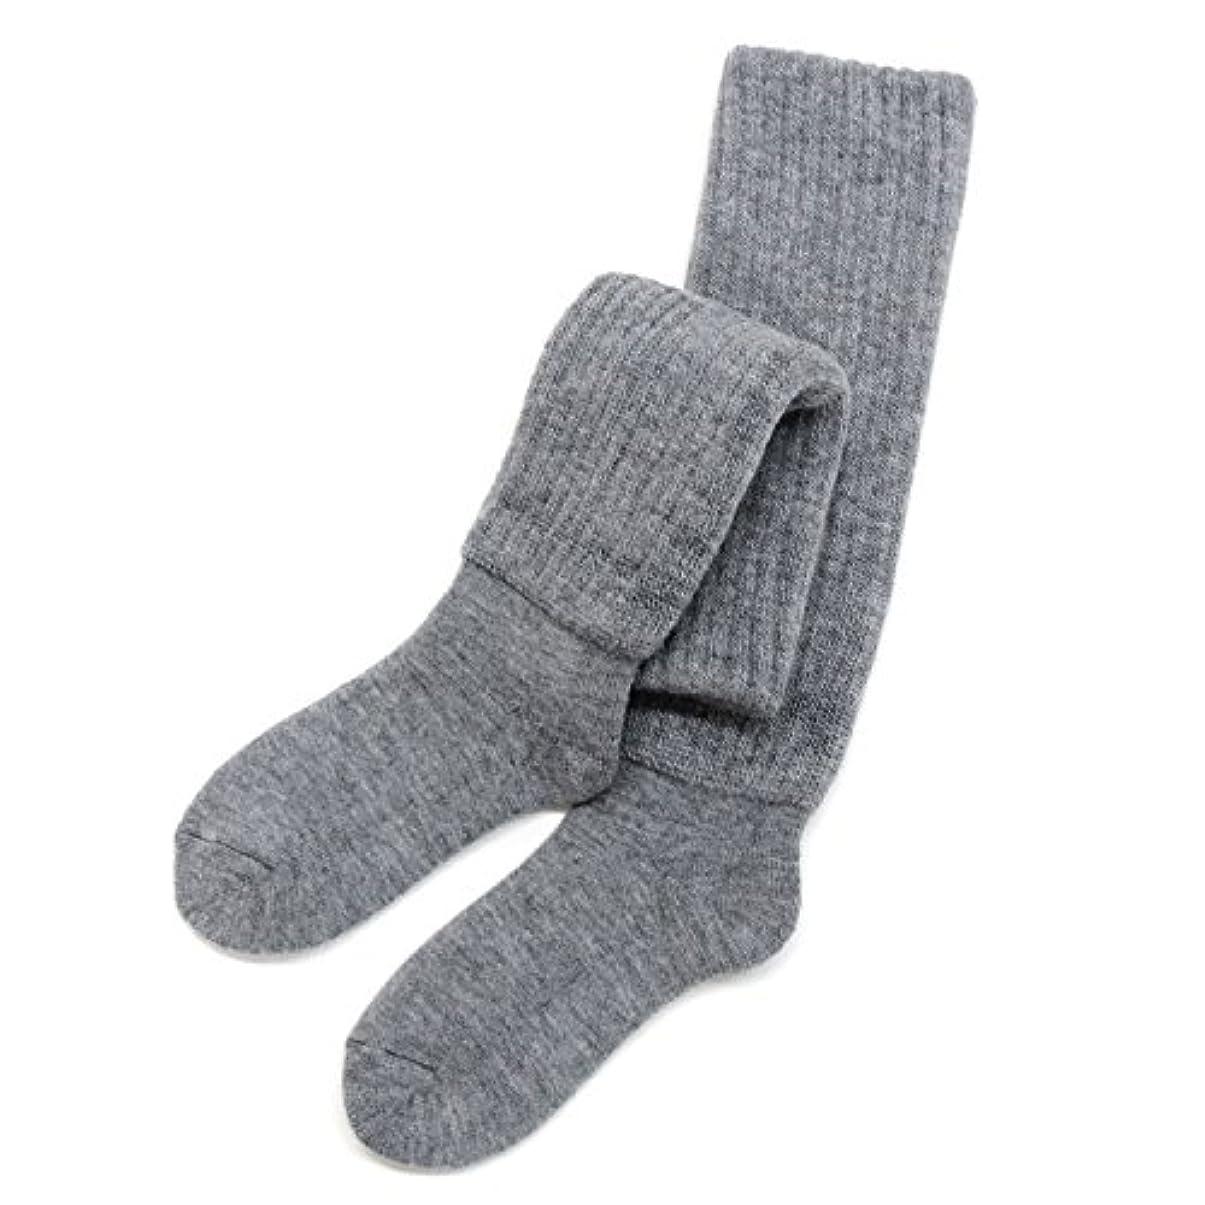 強いアーティファクト化合物hiorie(ヒオリエ) 日本製 冷えとり靴下 あったか 2重編み靴下 ハイソックス